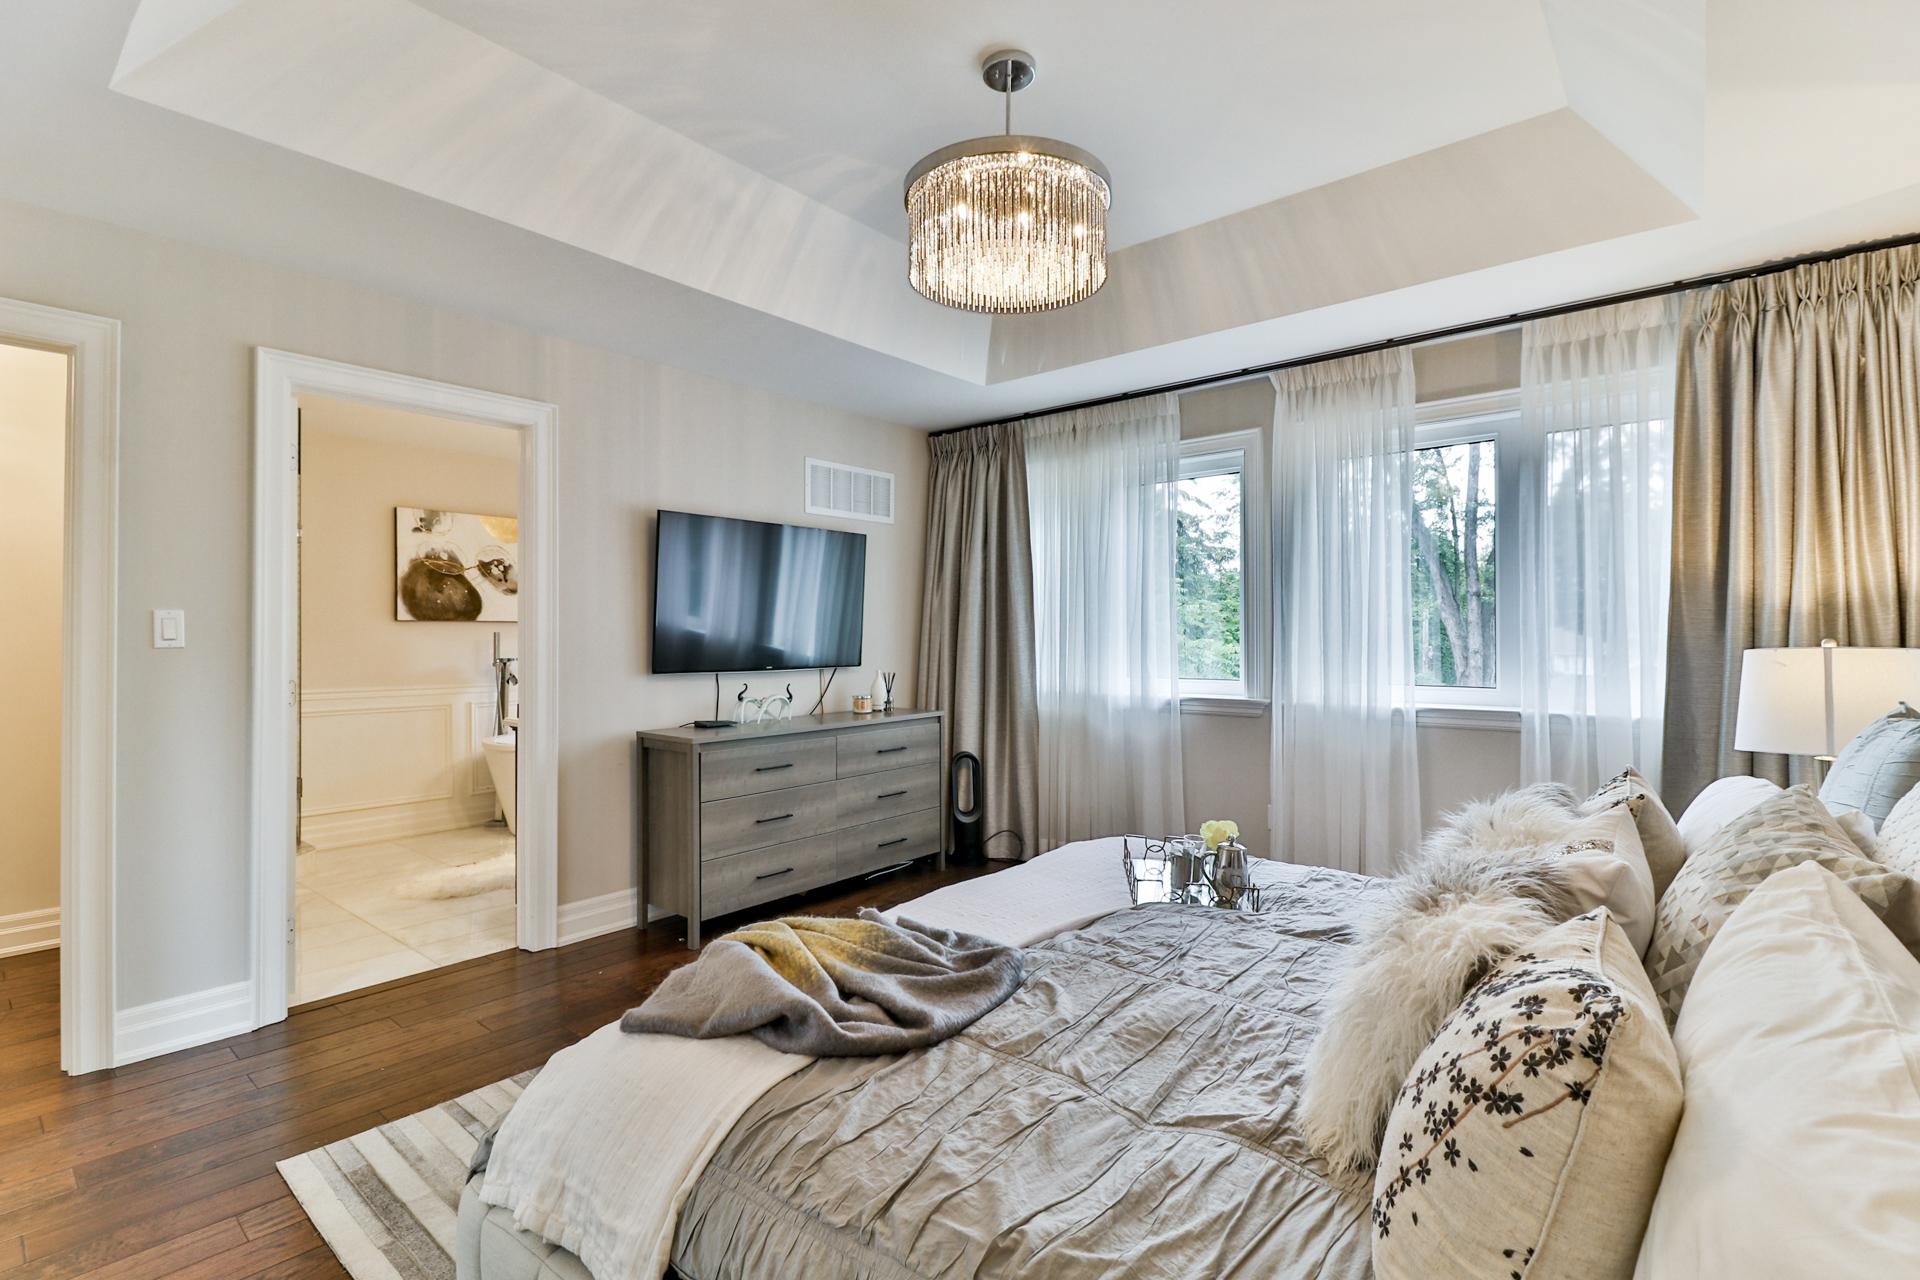 Master Bedroom Bathroom, 149 Shaver, Etobicoke Home Staging